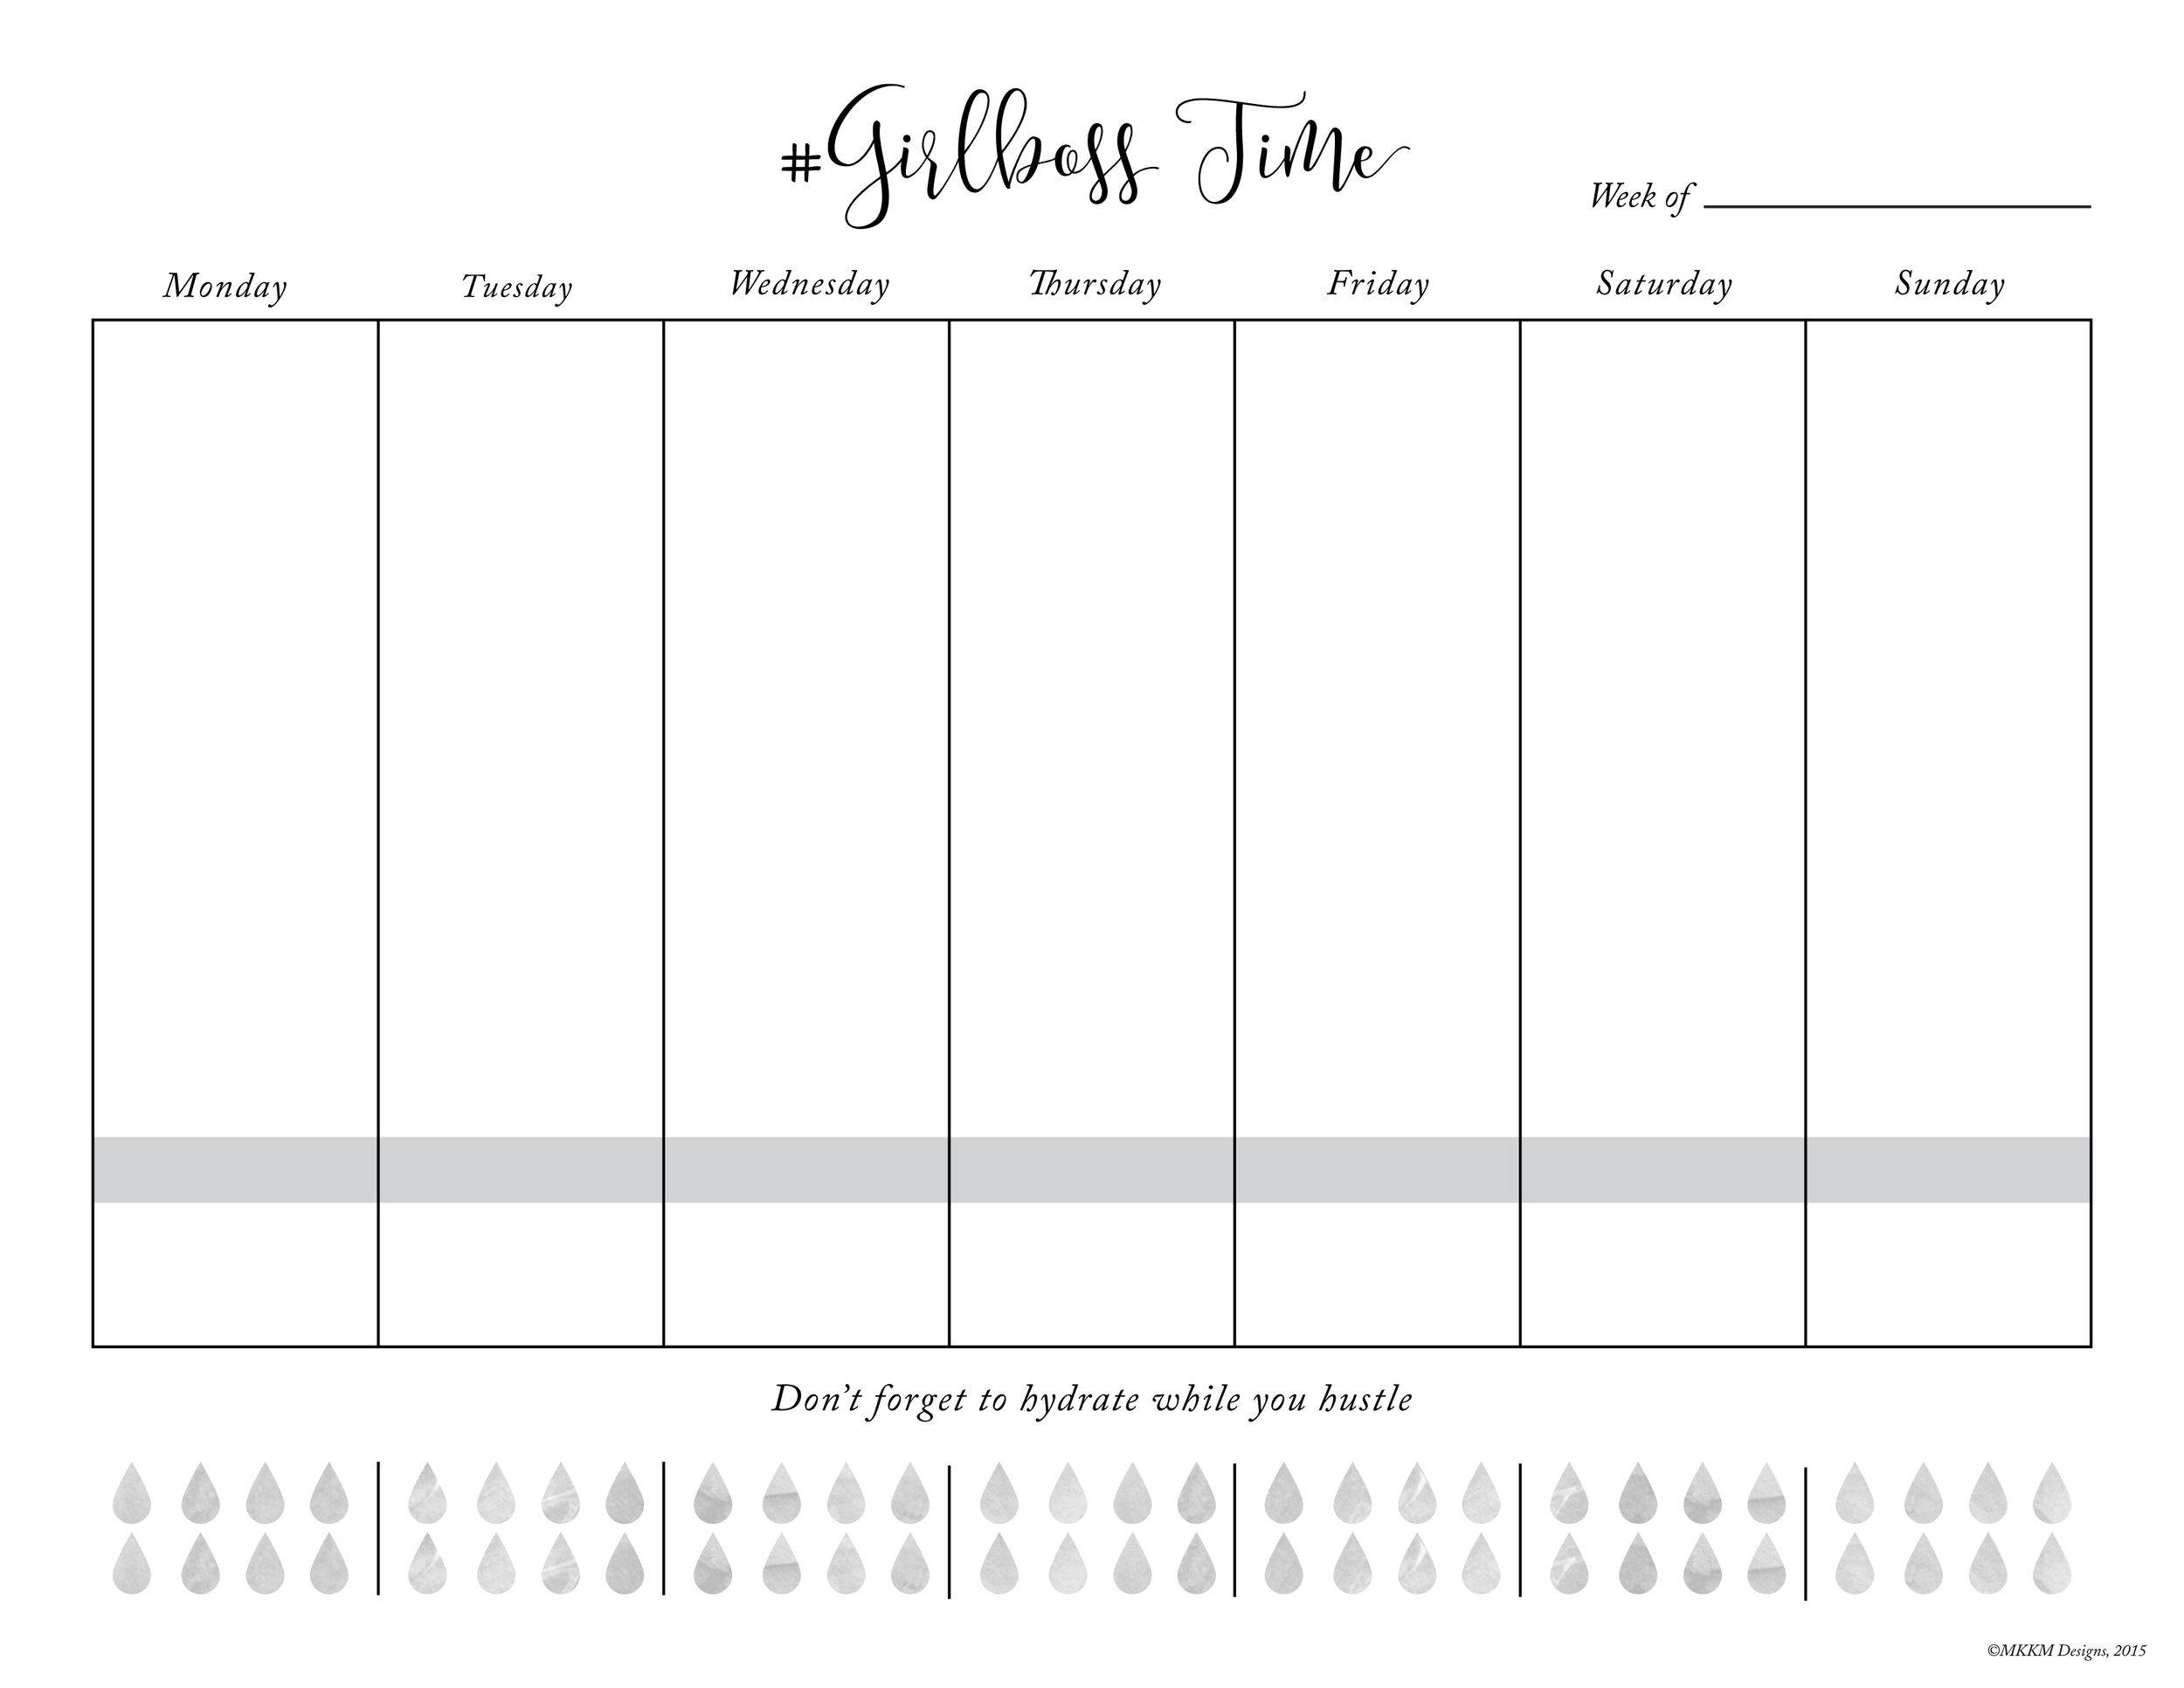 Weekly Planner Free Printable \u2014 MKKM Designs